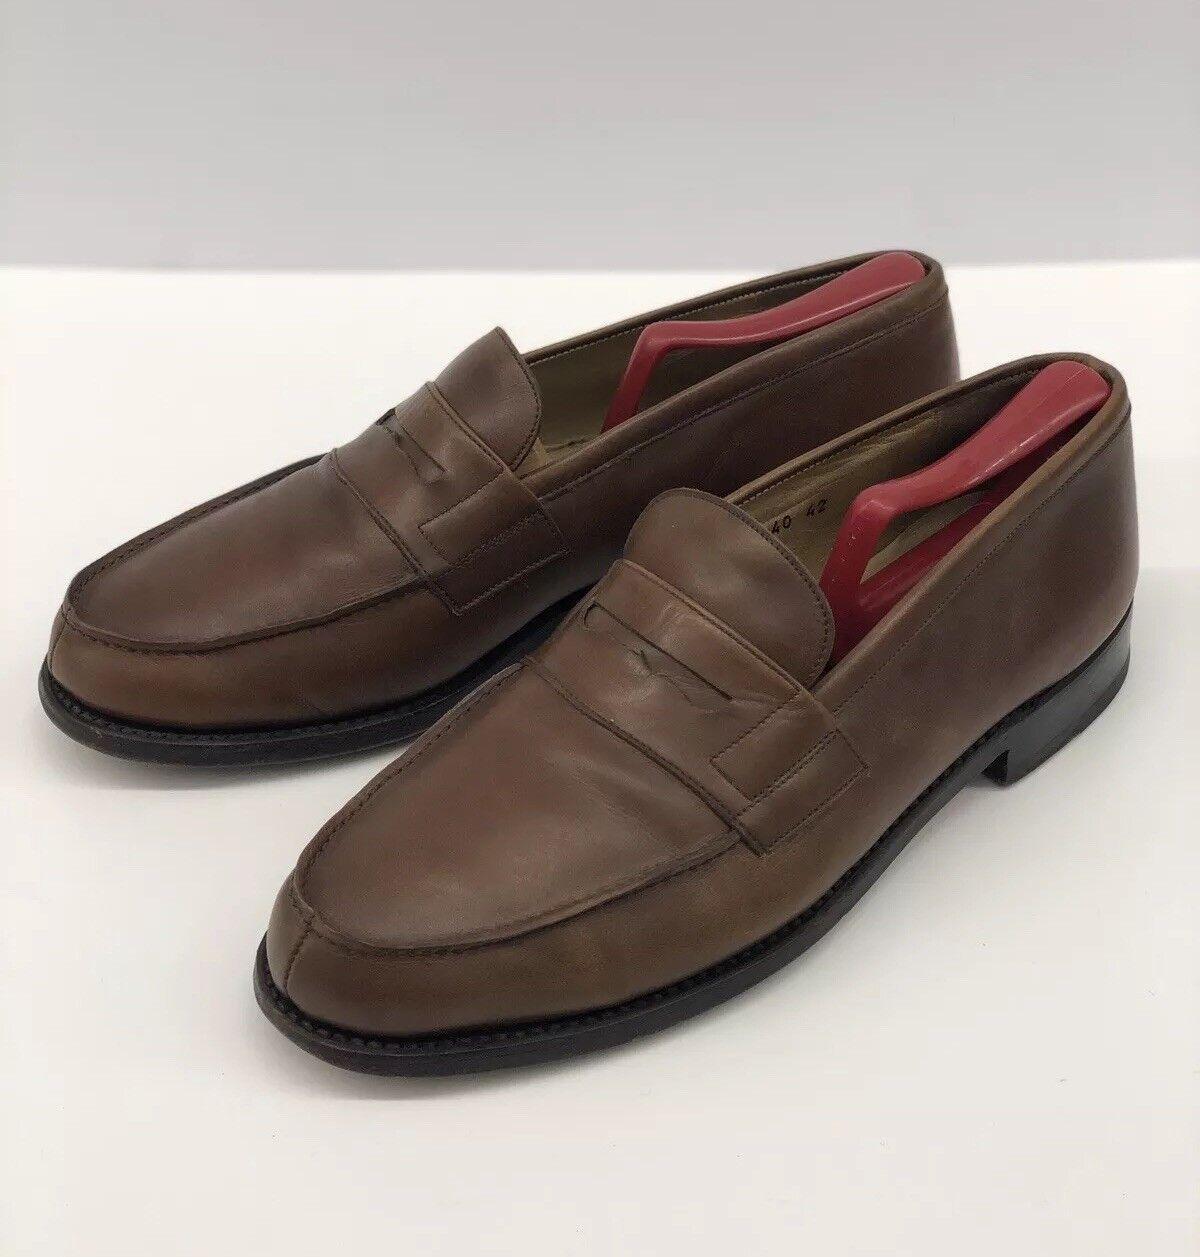 Oxfords marrón Mocasín Goodyear PARAbota Cuero Zapatos para hombre  8 UK 9 US